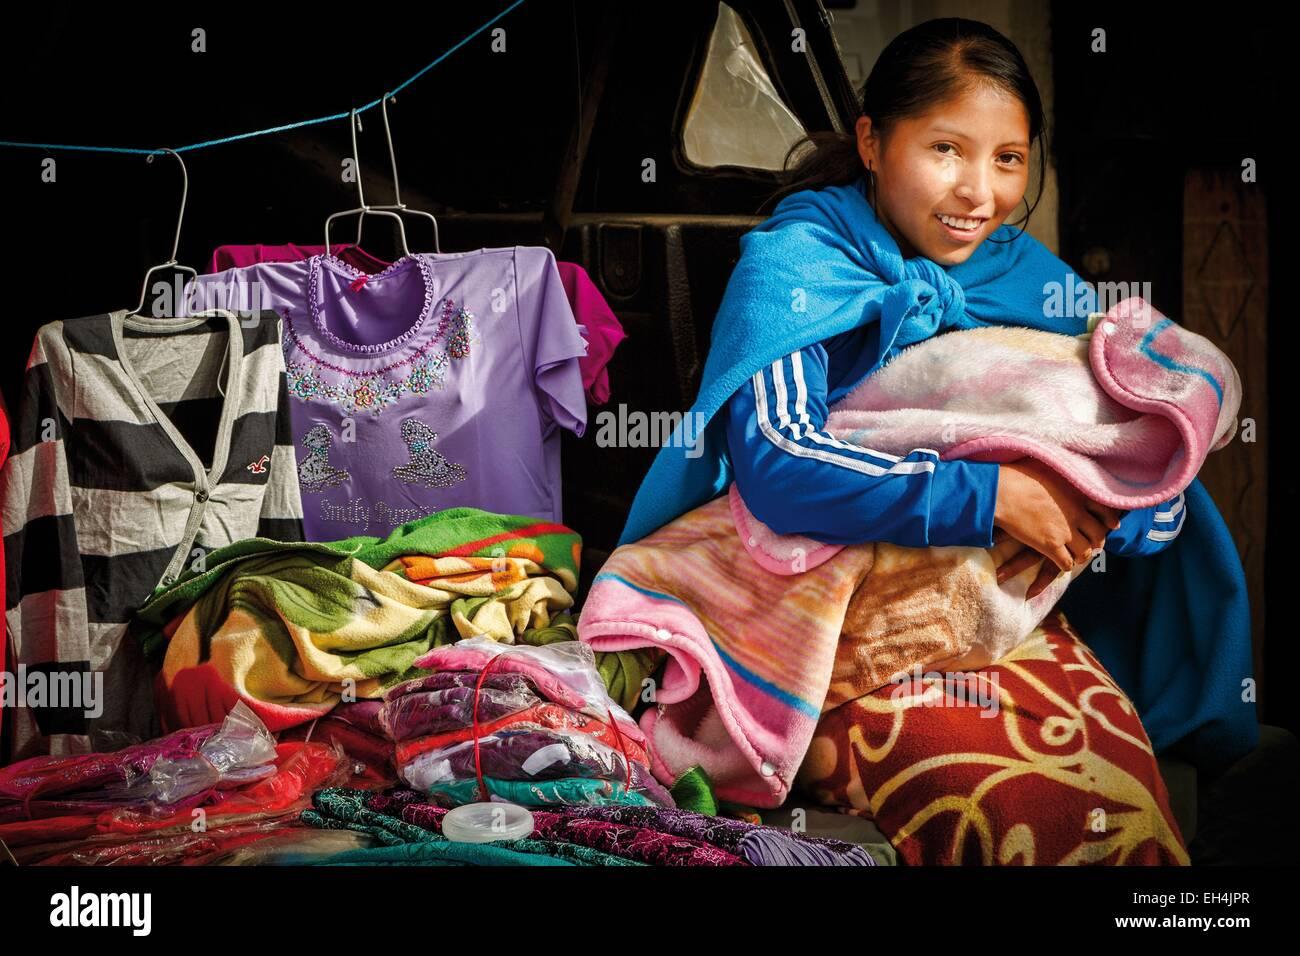 Ecuador, Cotopaxi, Zumbahua, día de la aldea de Zumbahua mercado, retrato de un campesino ecuatoriano mamando Imagen De Stock